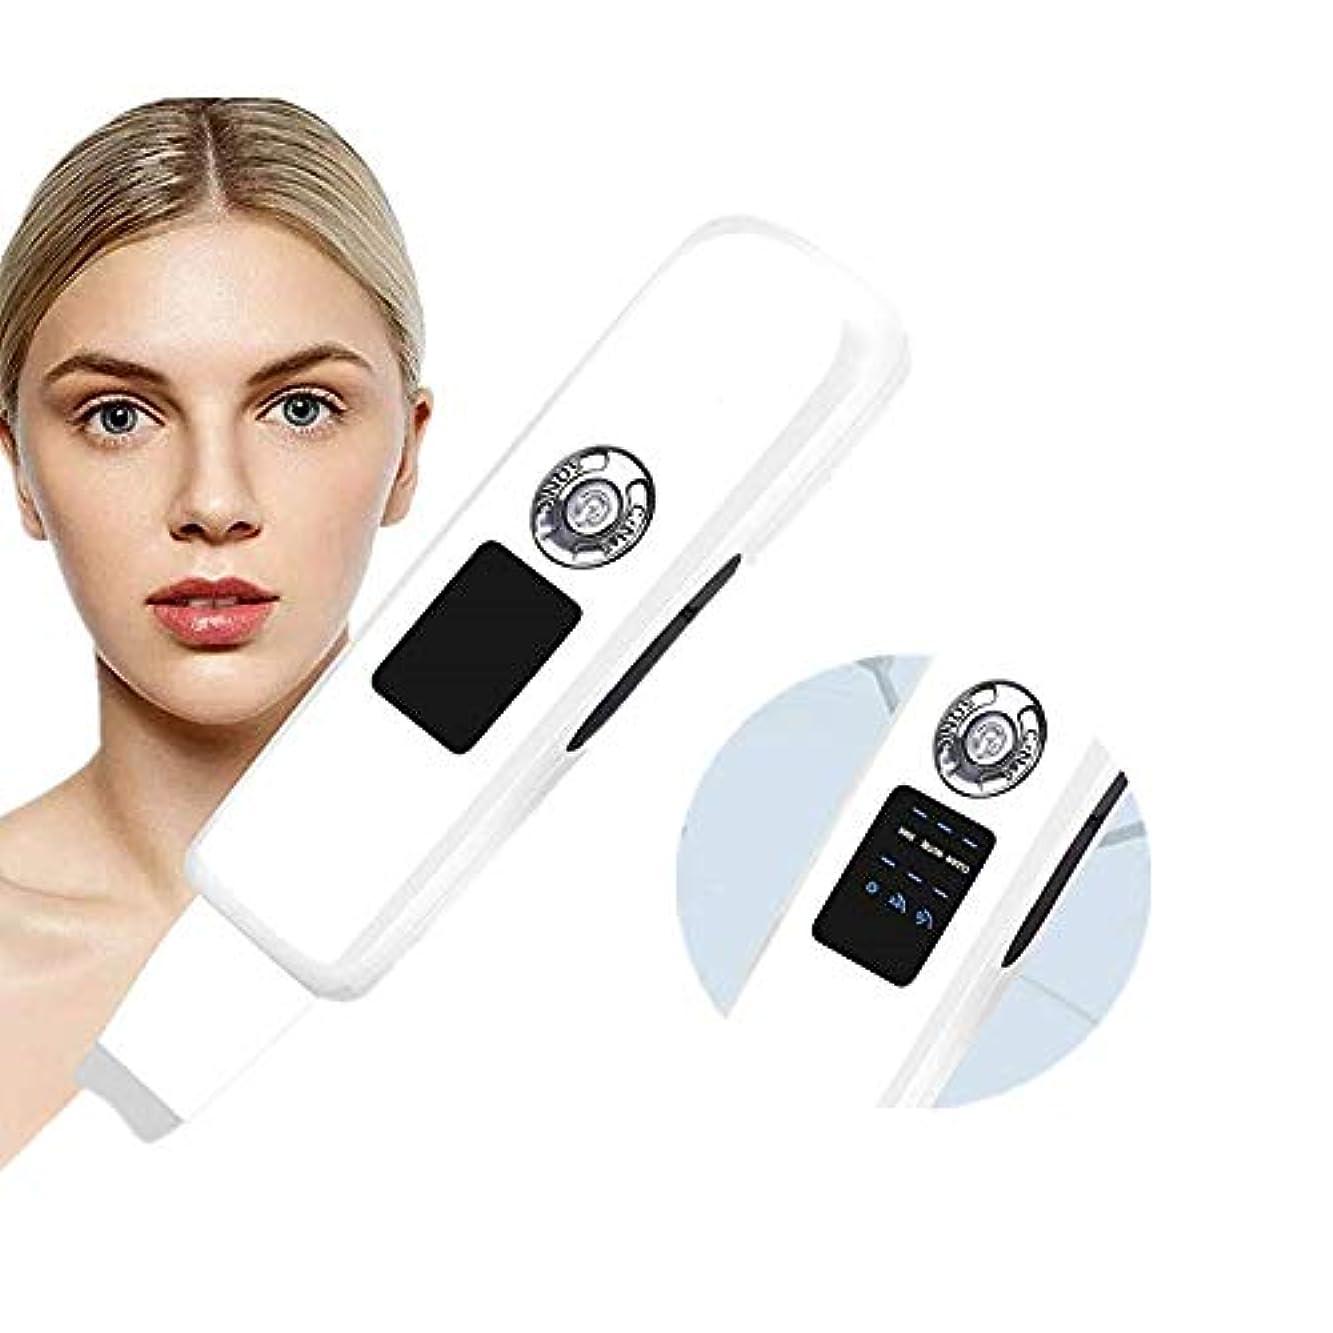 必要とするパス動詞顔の皮膚スクラバー、ジェントルは男性女性ネックホワイトニングTighting若返りのためのリフティング&ファーミングツール、ブラックヘッドコメド毛穴クリーナー死んだ皮膚角質層の抽出を削除します